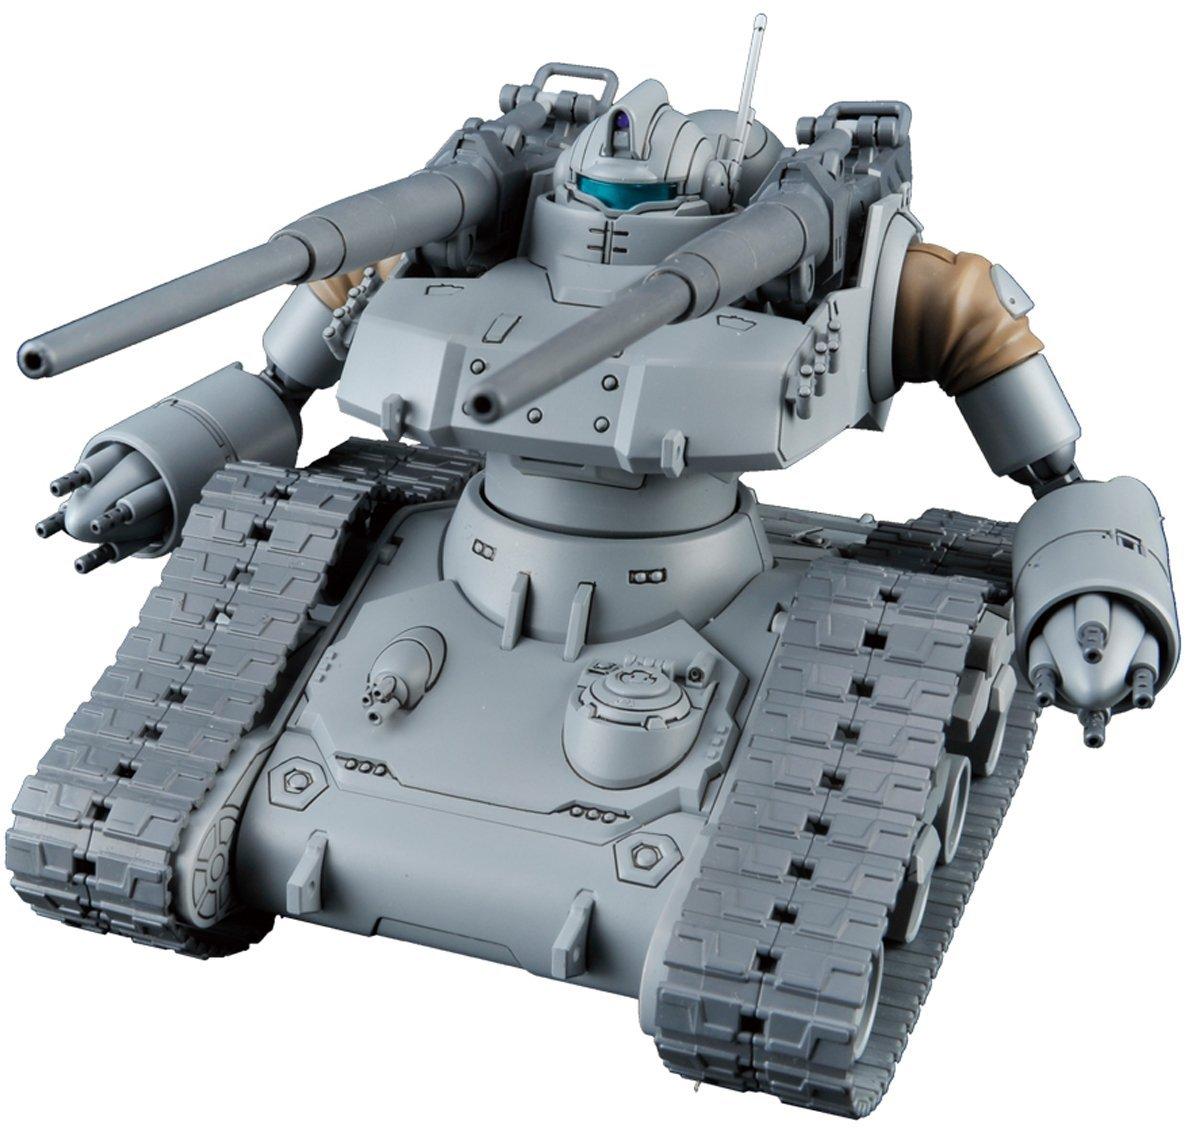 HG 1/144 RTX-65 ガンタンク初期型